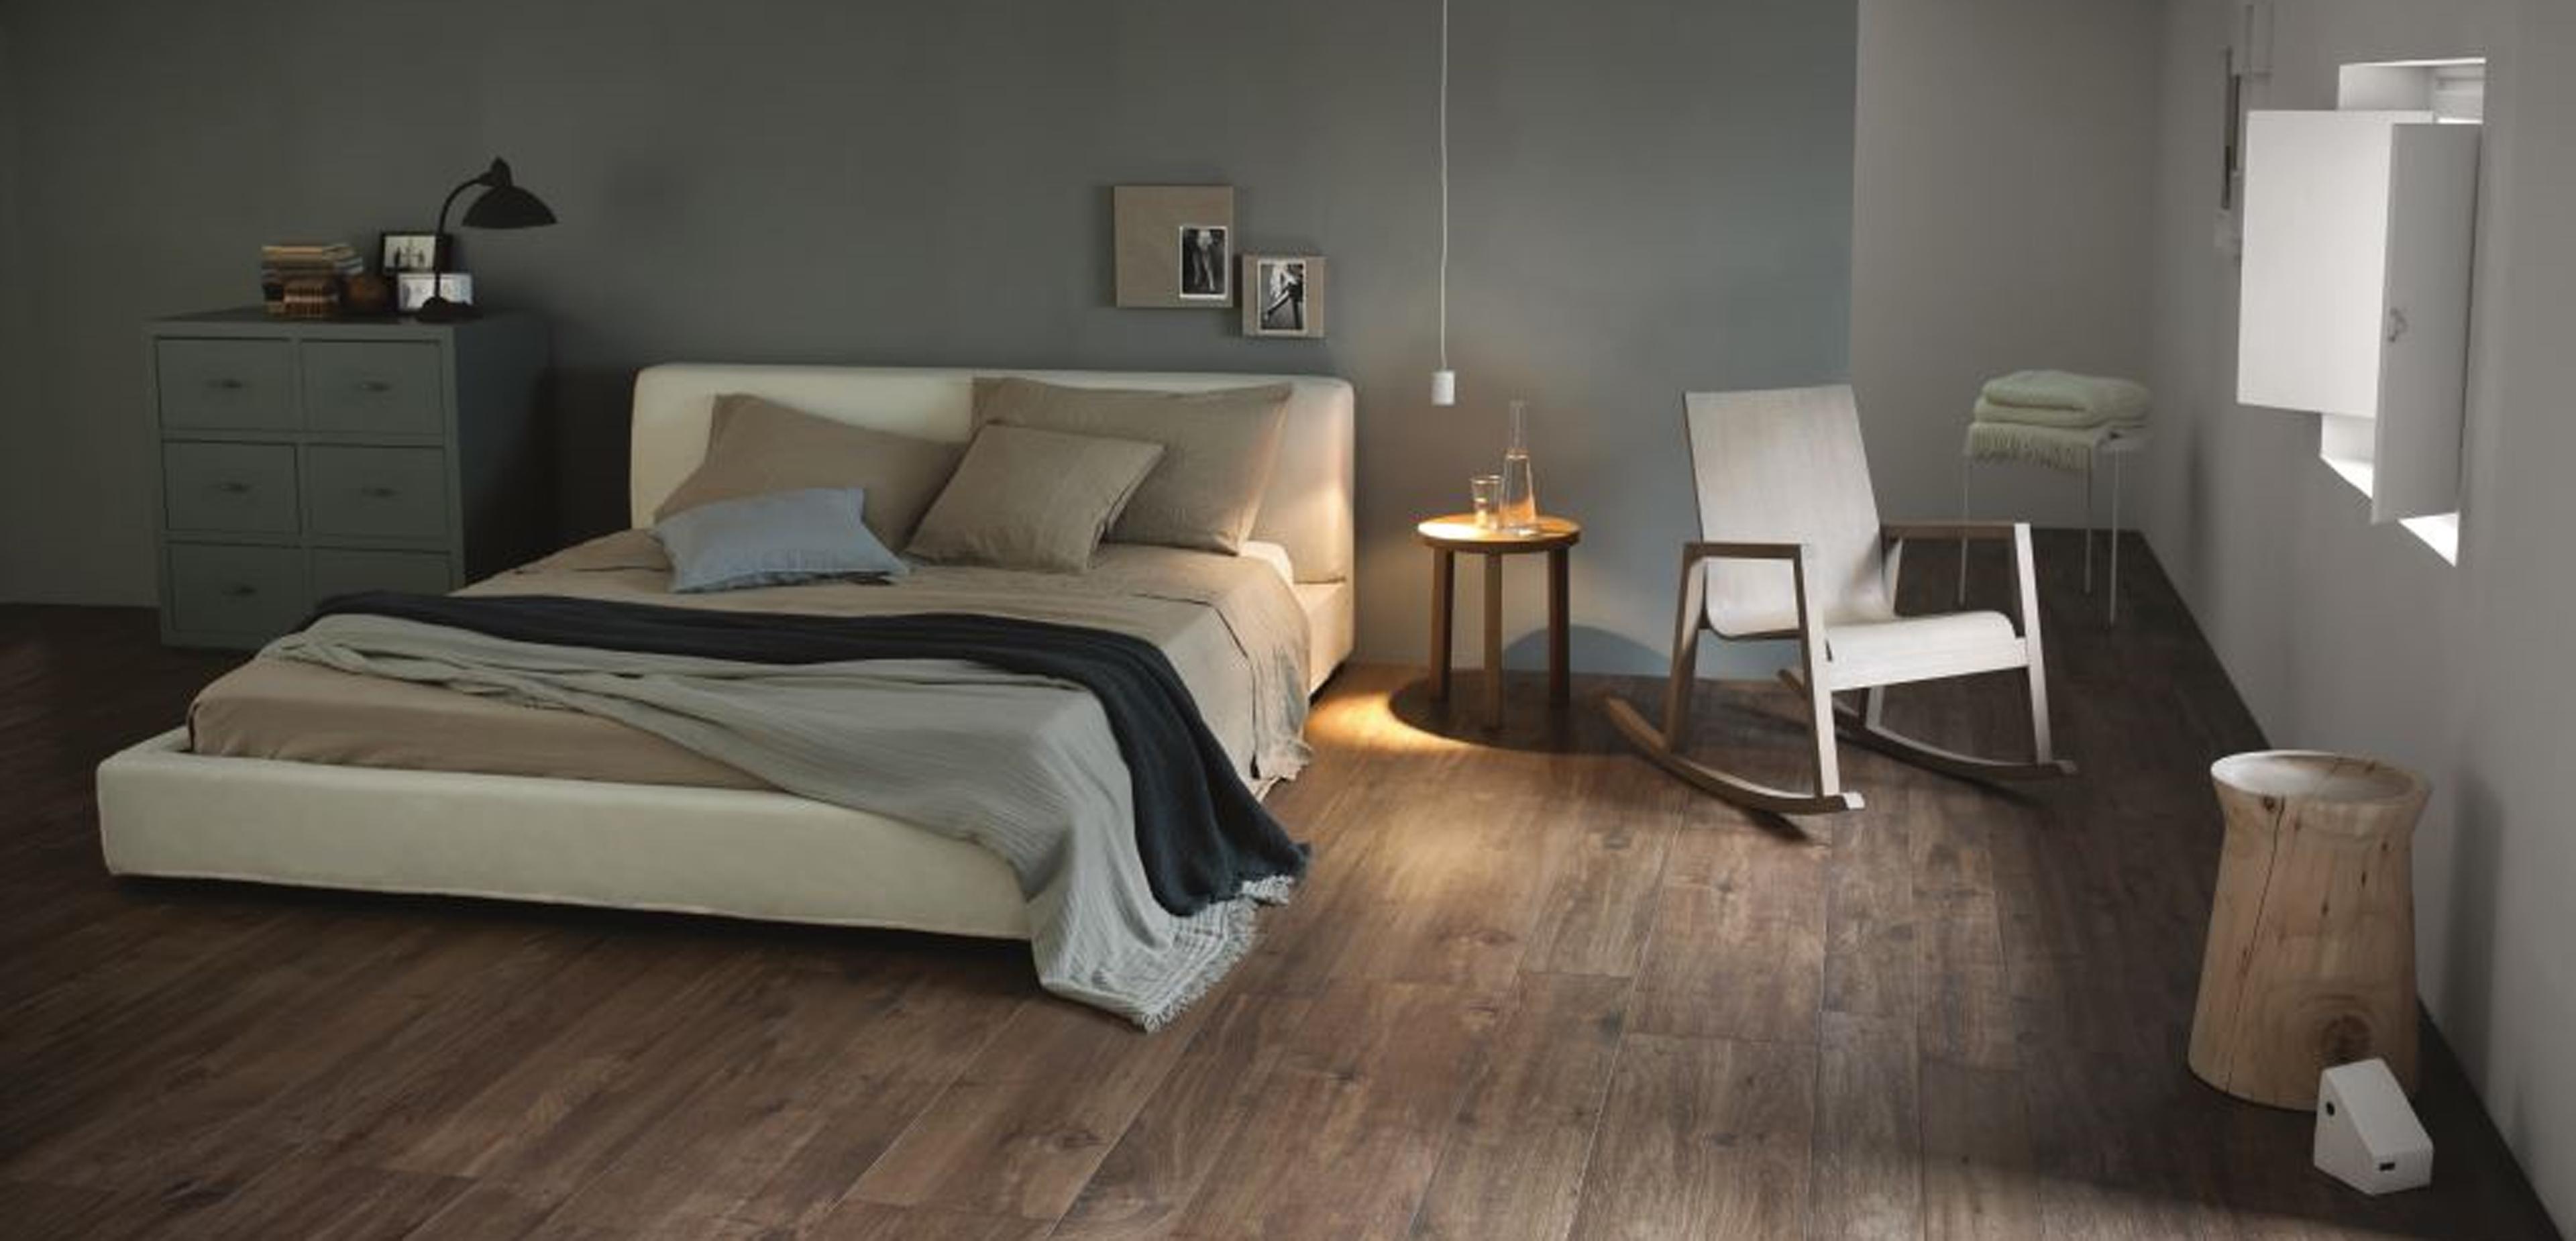 tine wittler schlafzimmer einrichten. Black Bedroom Furniture Sets. Home Design Ideas